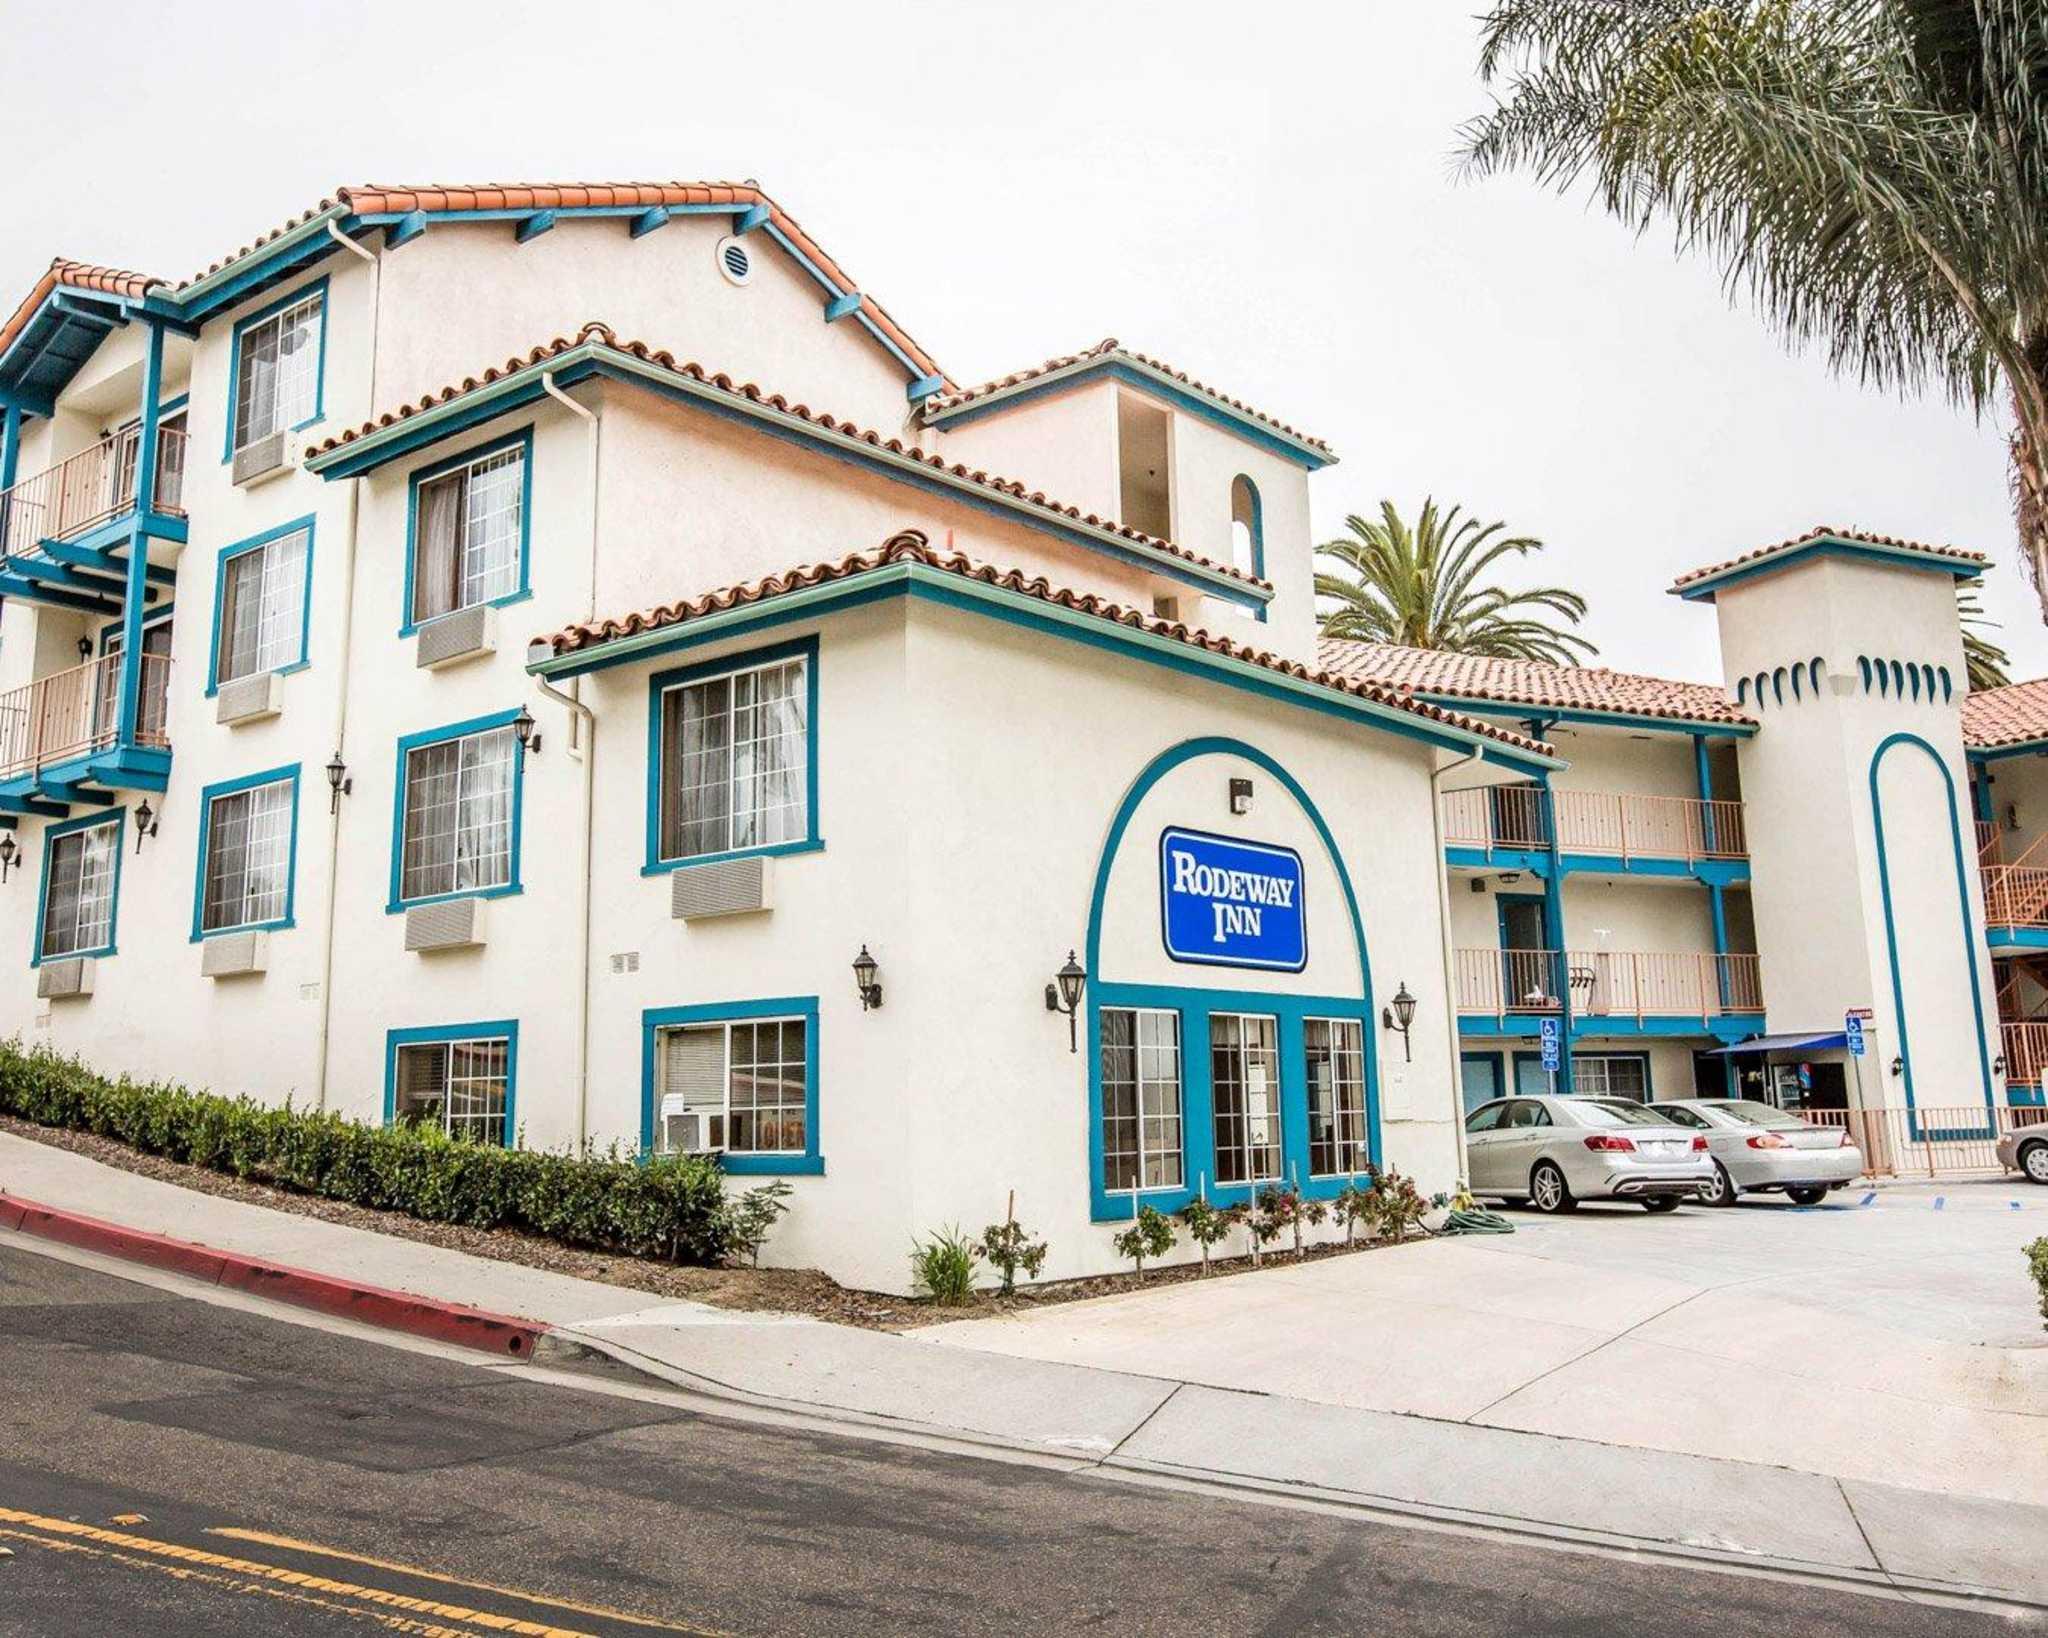 Rodeway Inn San Clemente Beach image 3